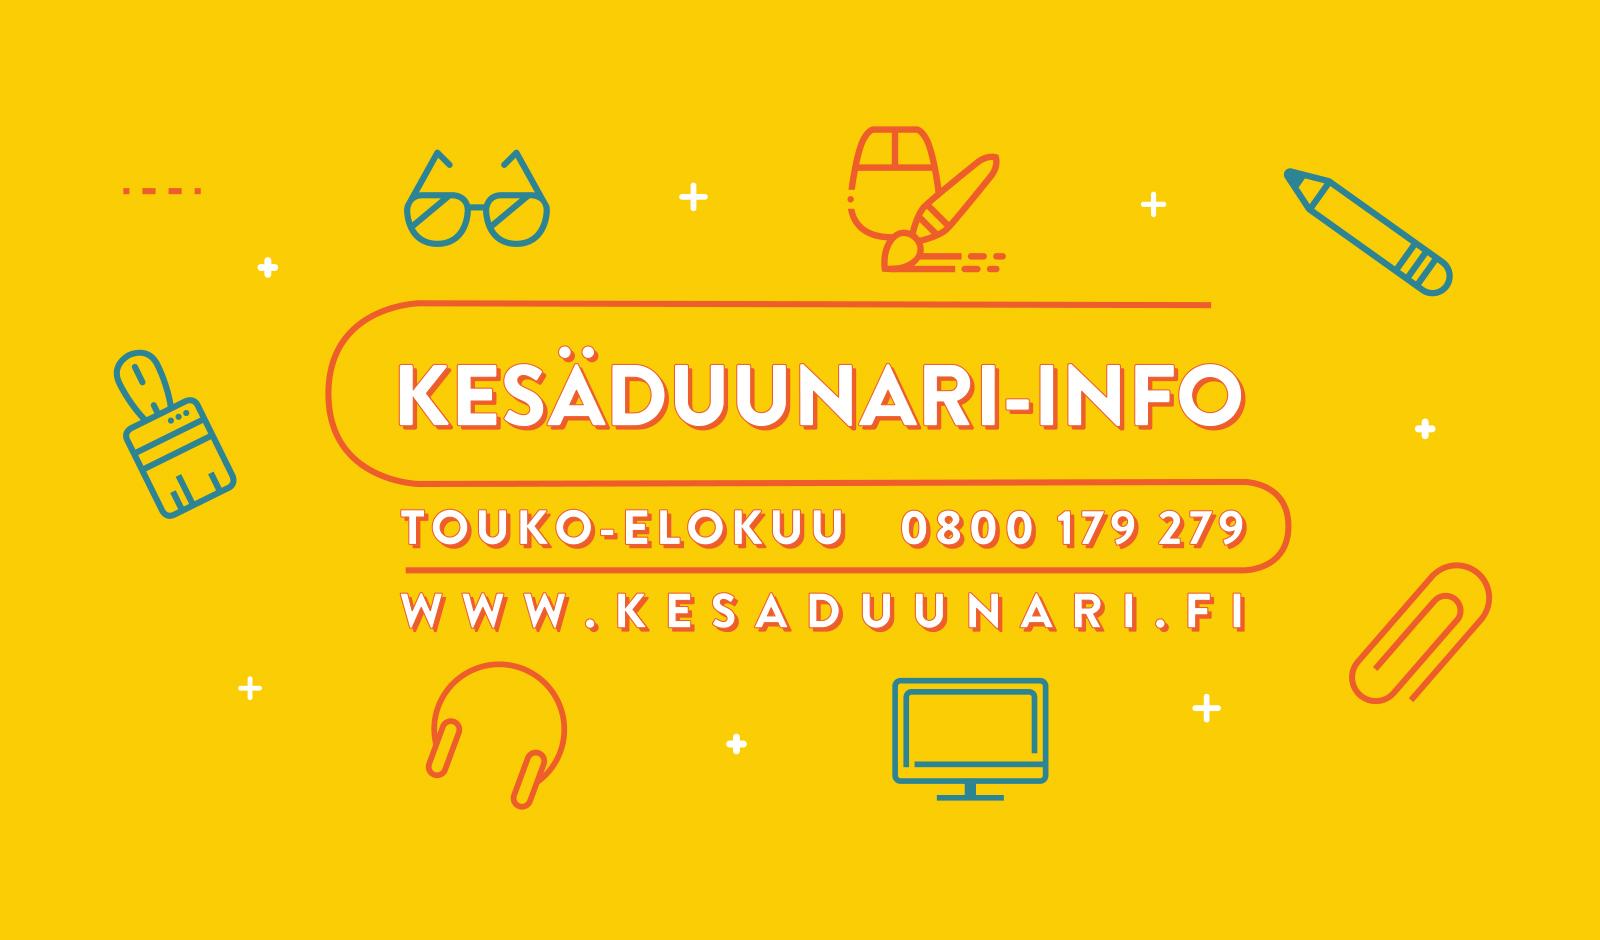 396 Kesaduunari info perustiedot ja nettiosoite 1600x940